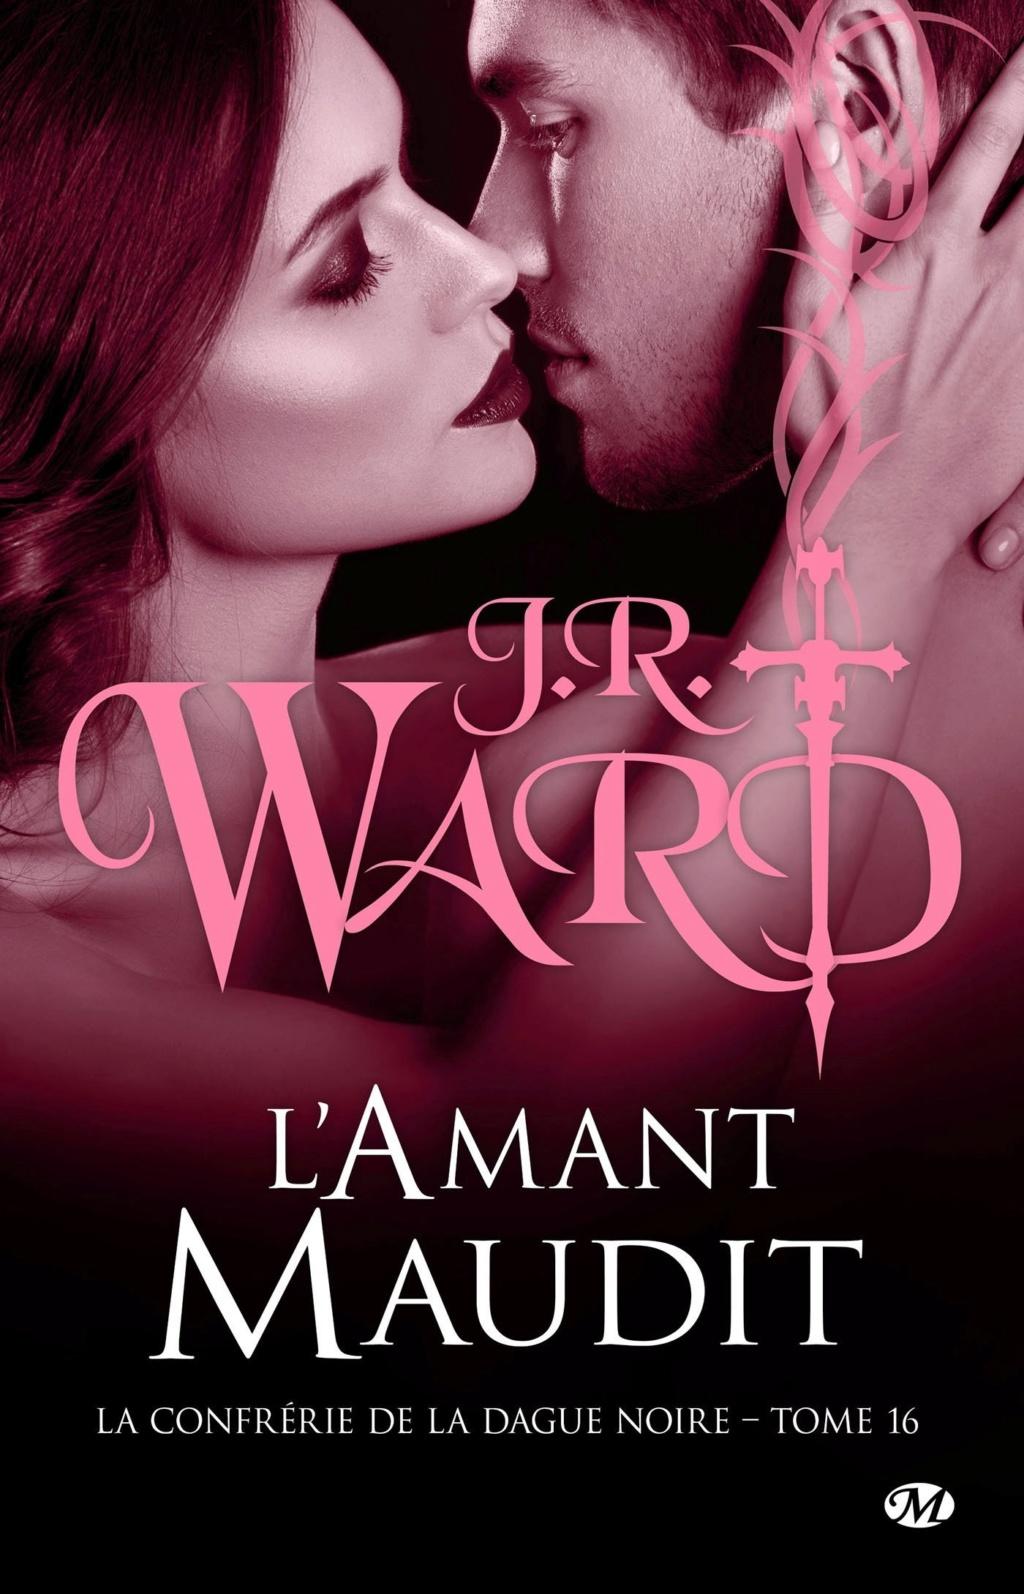 La Confrérie de la Dague Noire - Tome 16: L'Amant Maudit de JR Ward 81pgir10